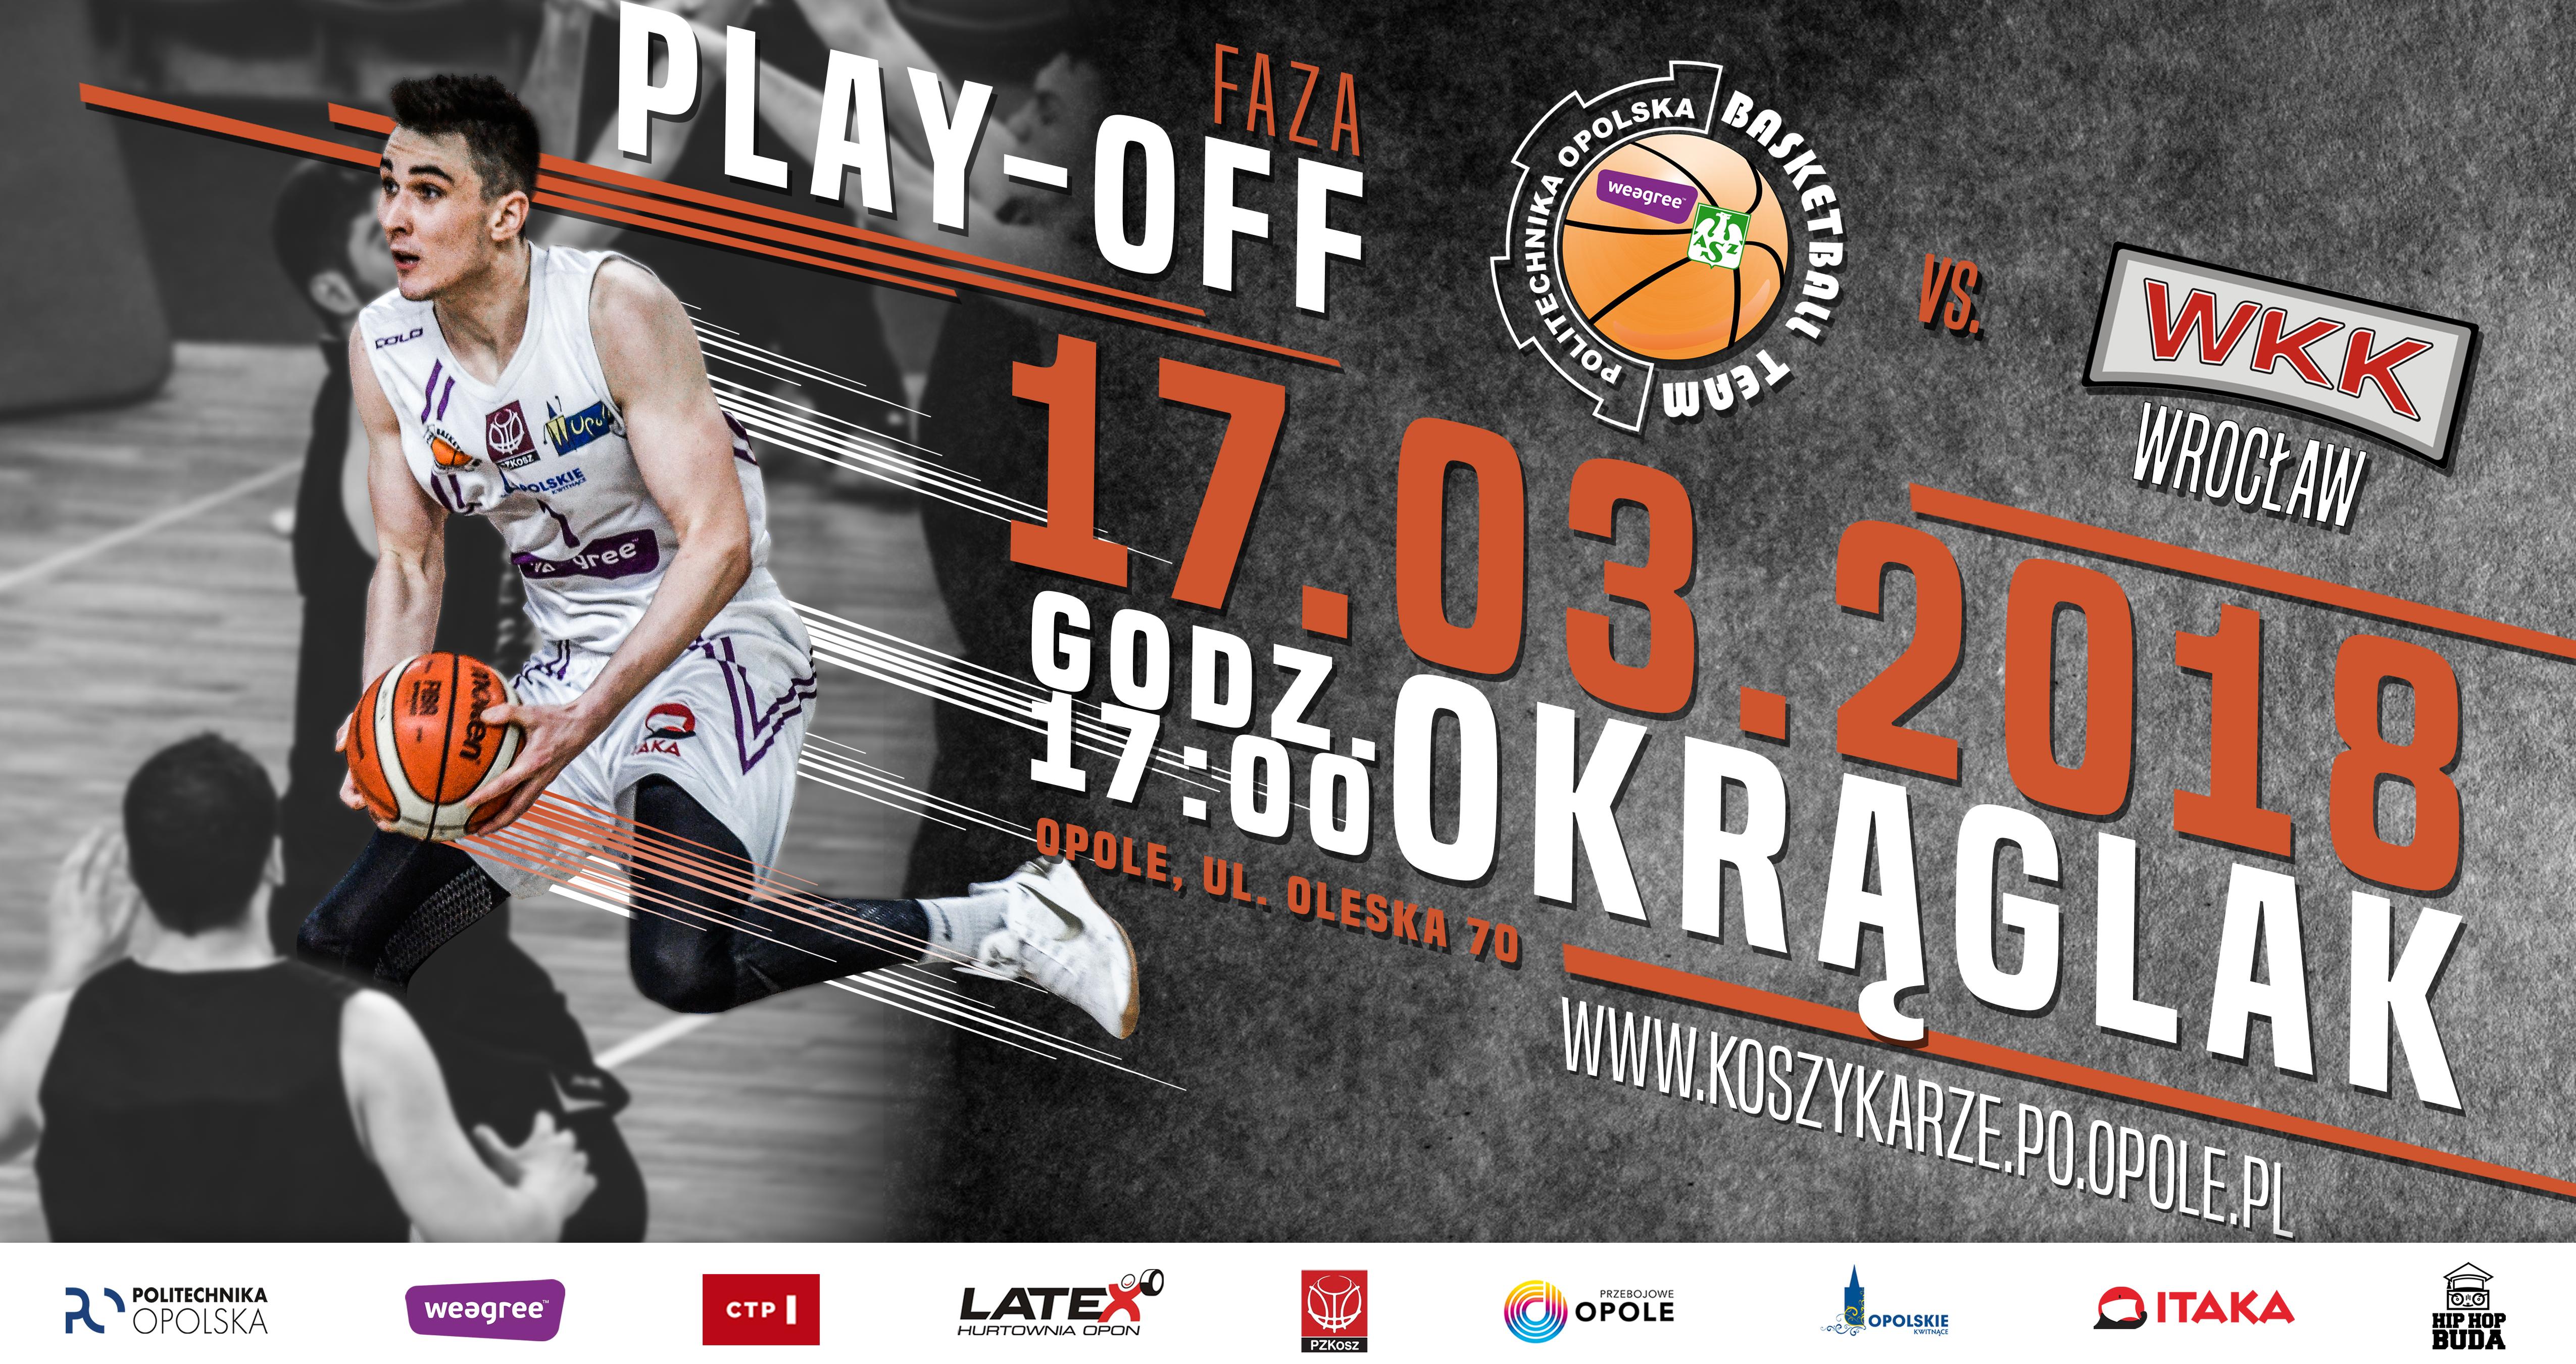 W pierwszej rundzie Play-Off gramy z WKK!